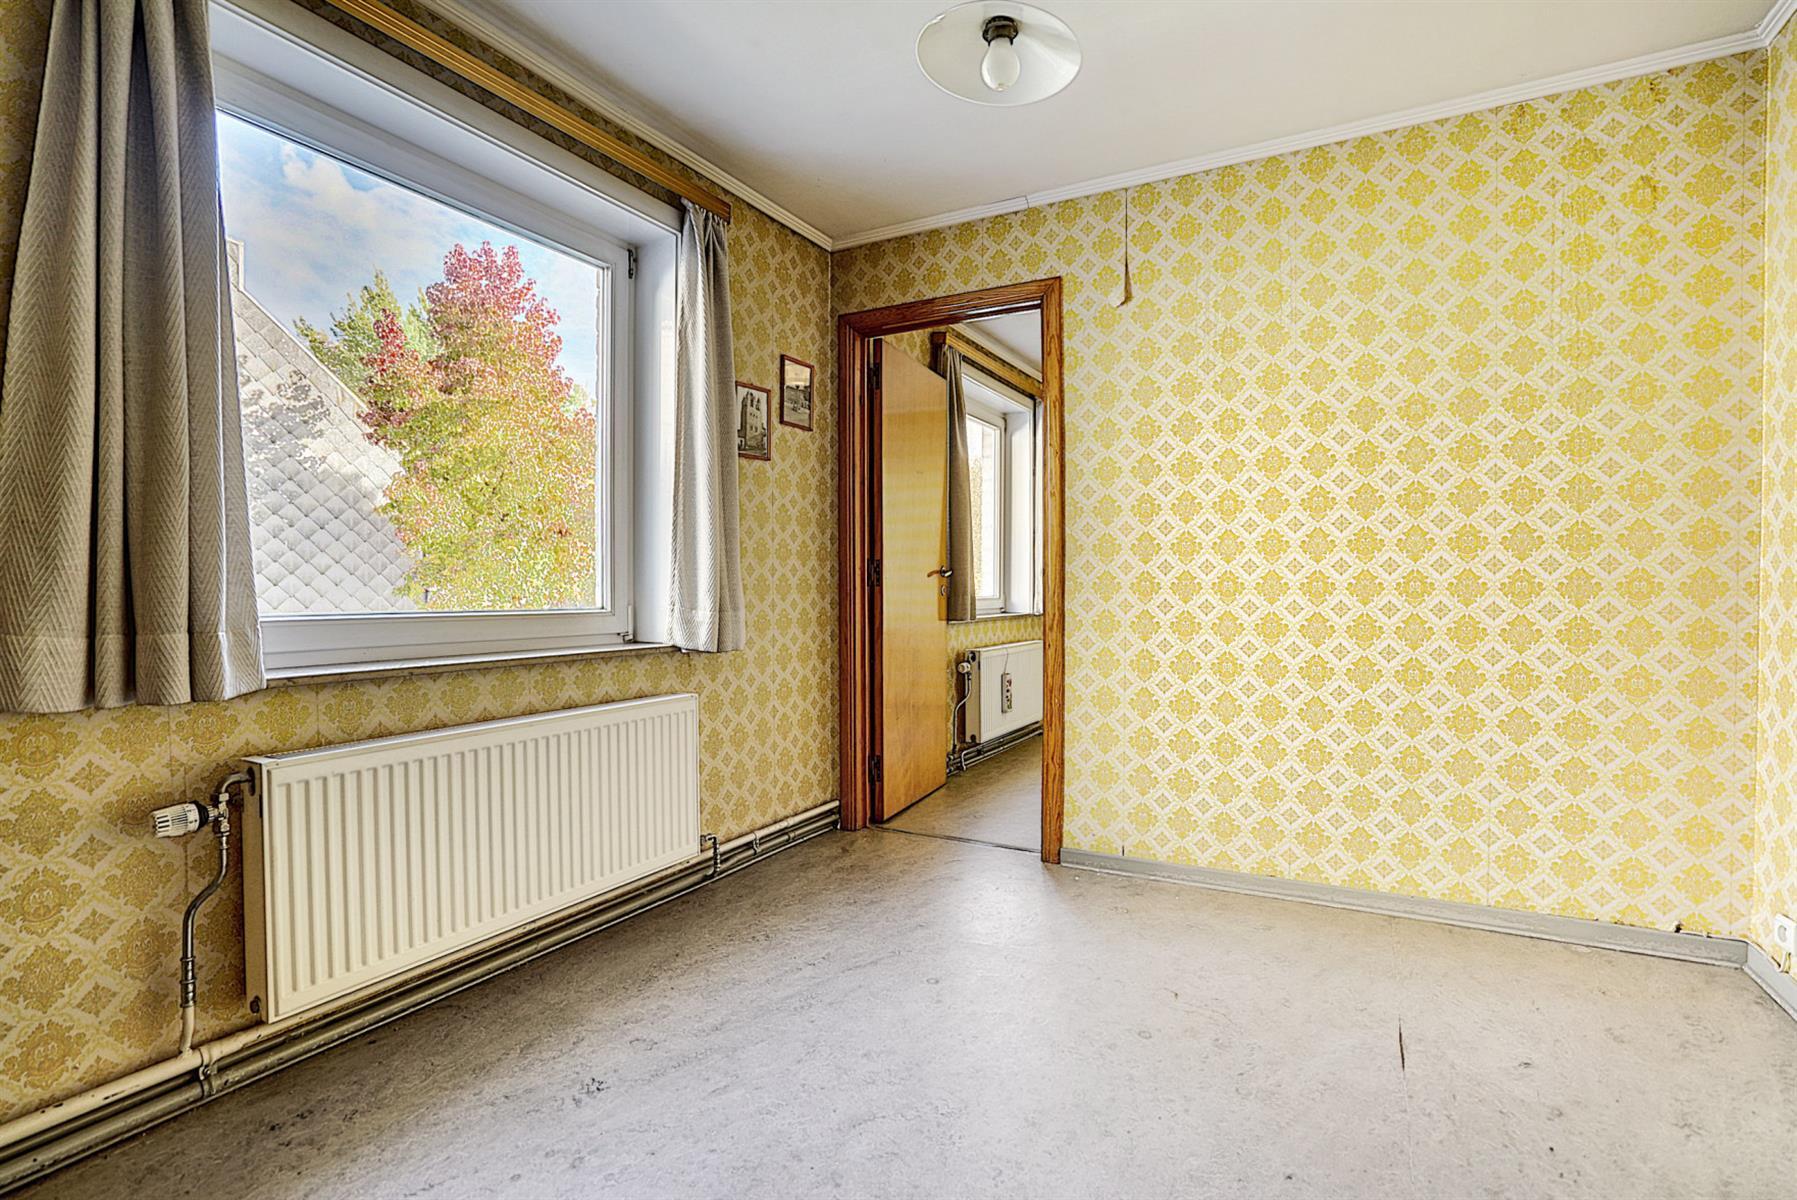 Maison de maître - Nil-saint-vincent-saint-martin - #4206773-19